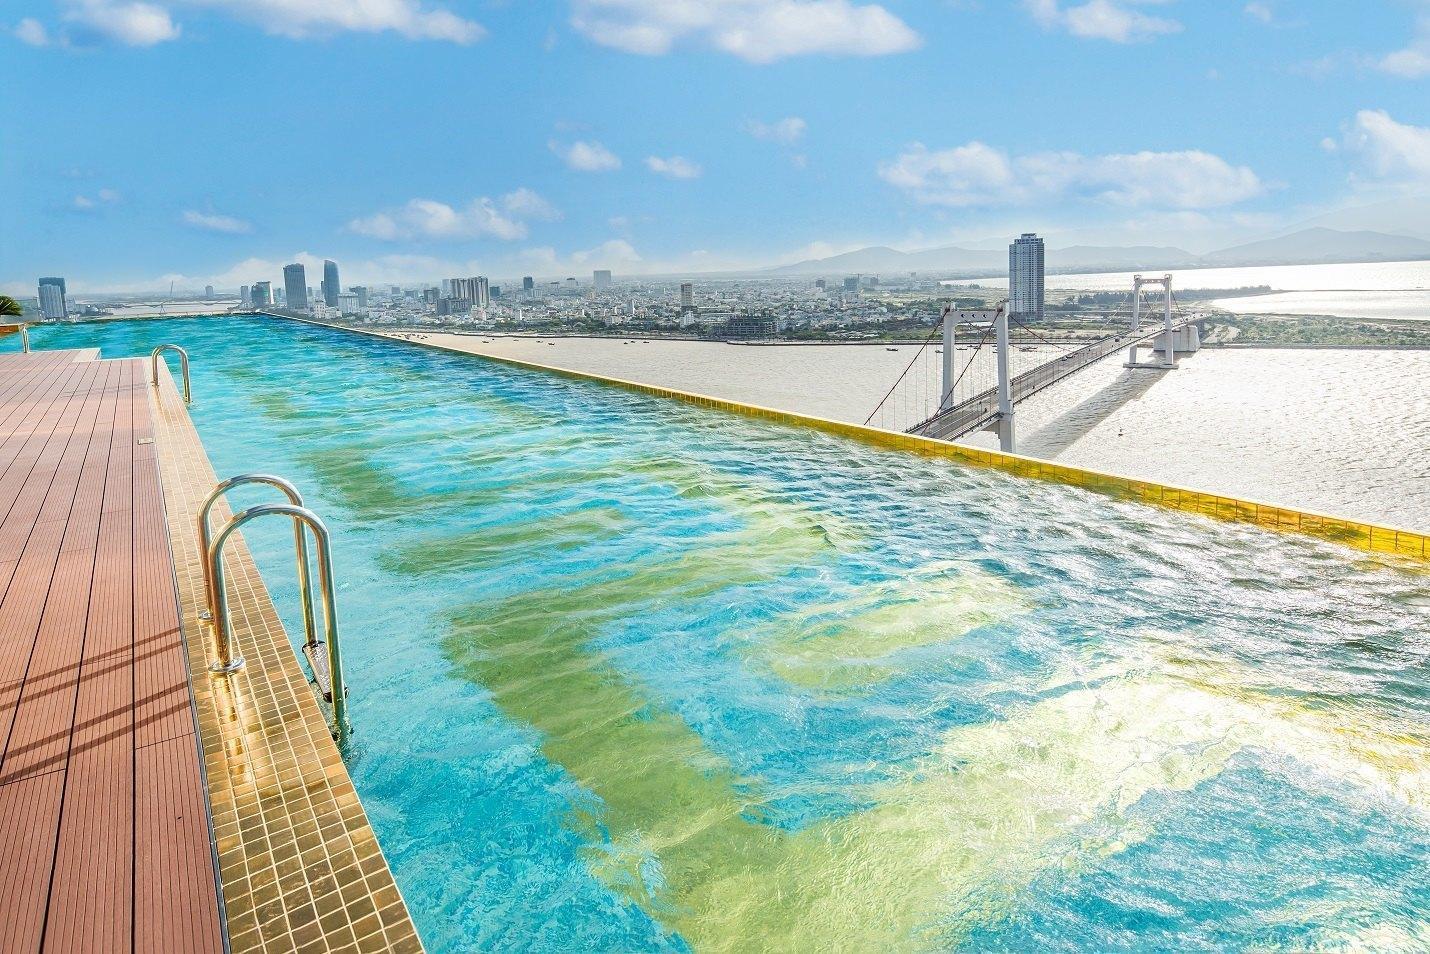 bể bơi giác vàng 24k view cực thu hút